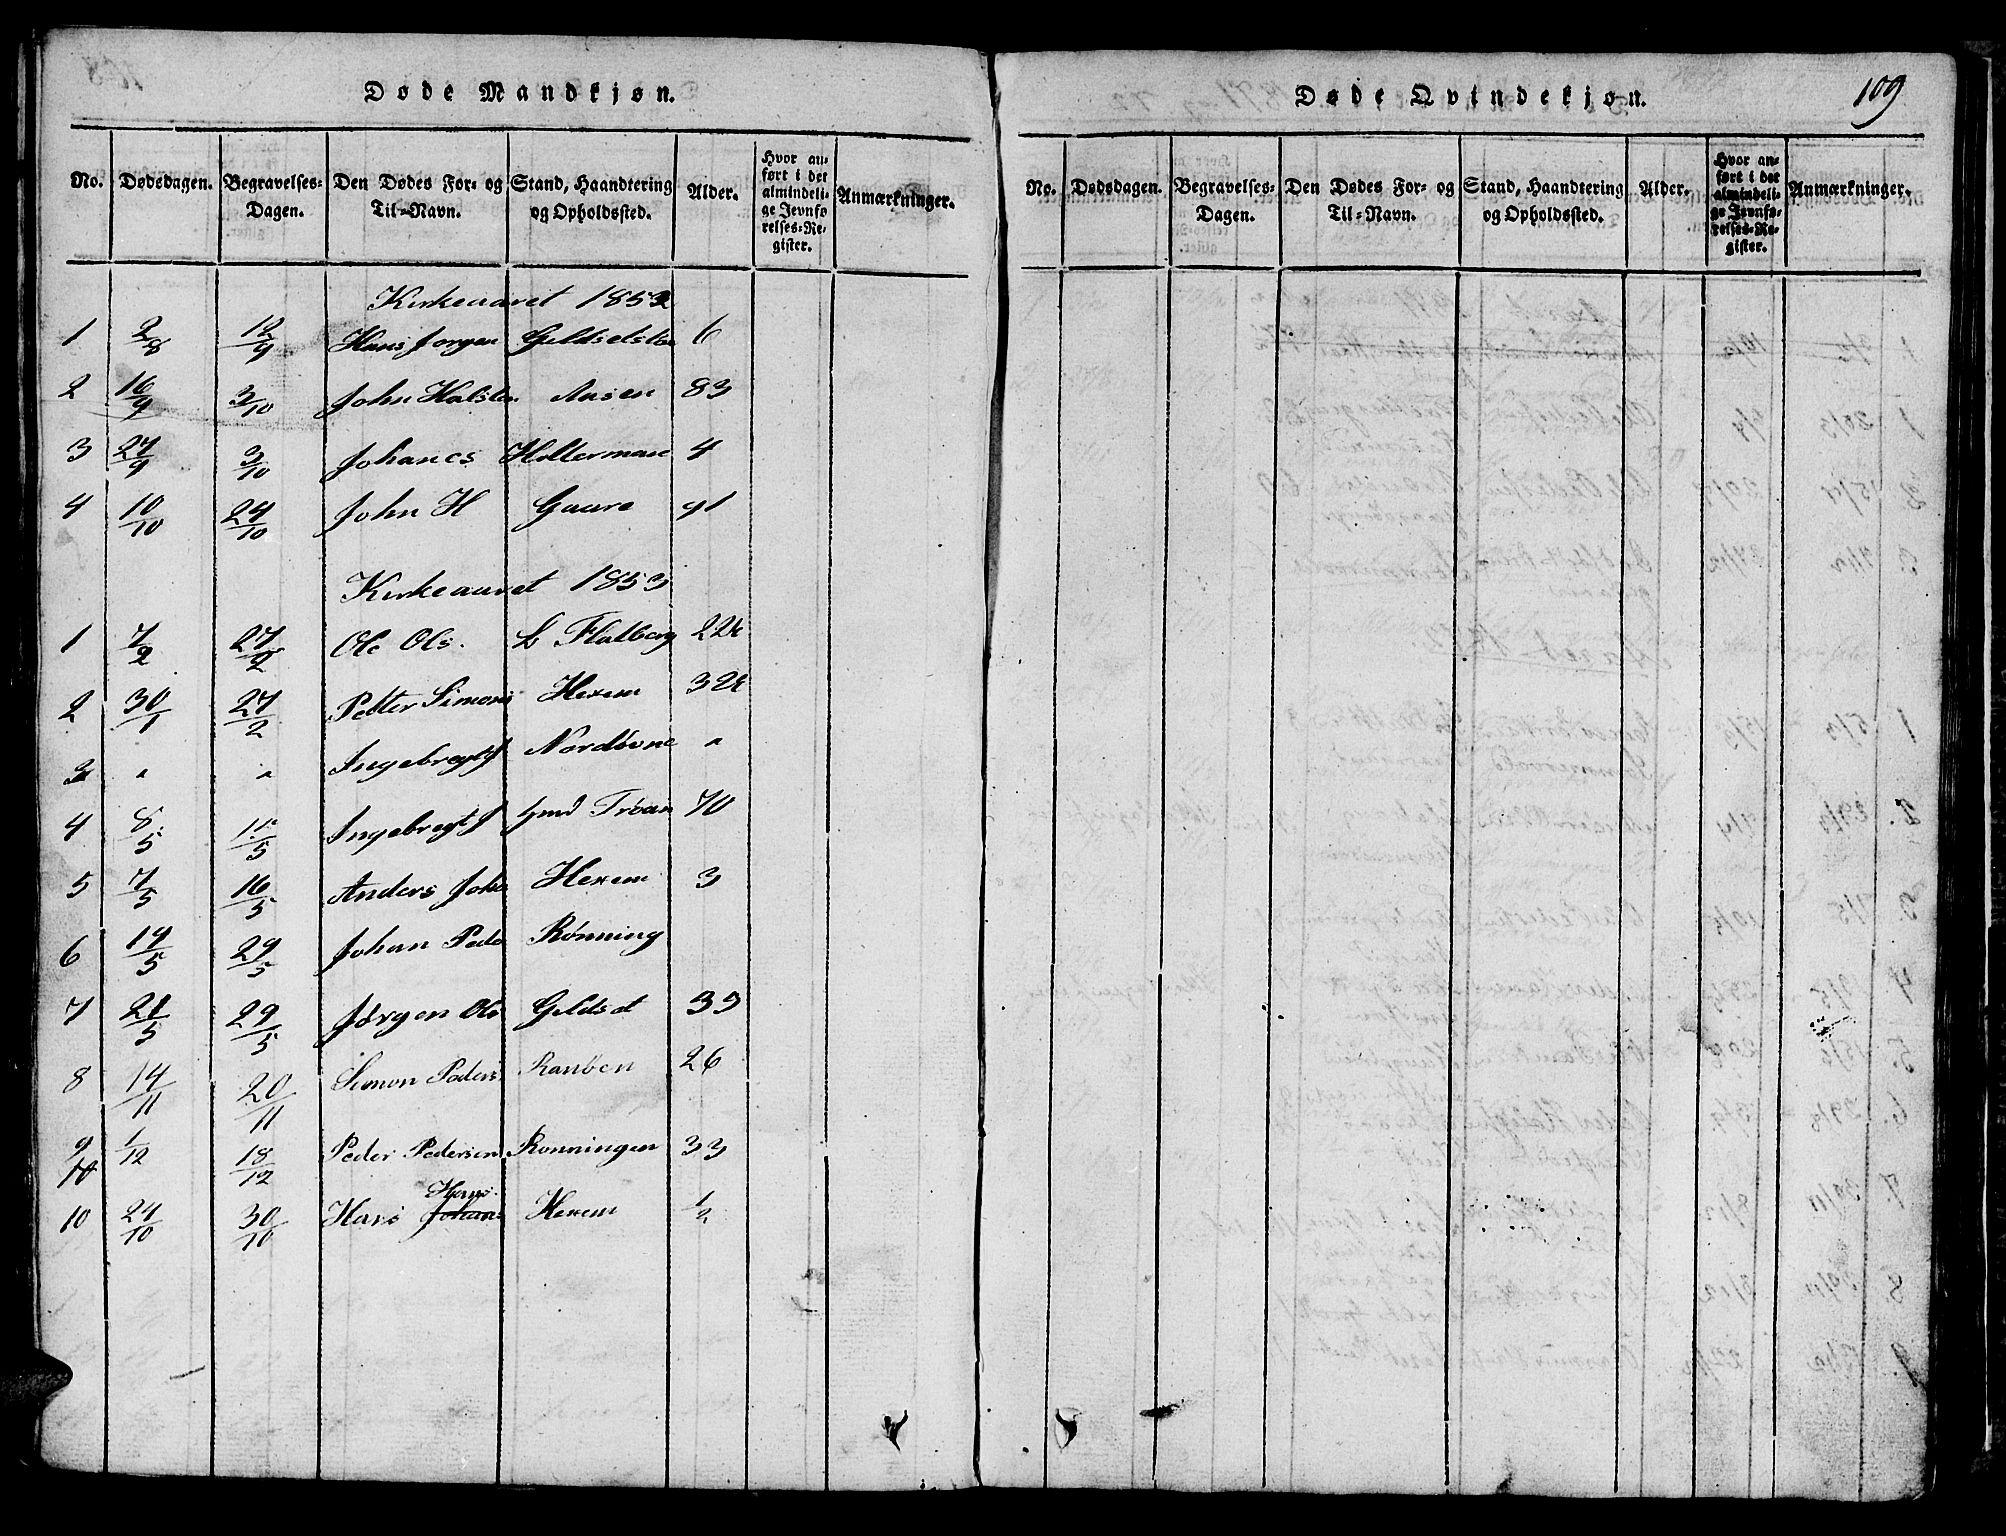 SAT, Ministerialprotokoller, klokkerbøker og fødselsregistre - Sør-Trøndelag, 685/L0976: Klokkerbok nr. 685C01, 1817-1878, s. 109